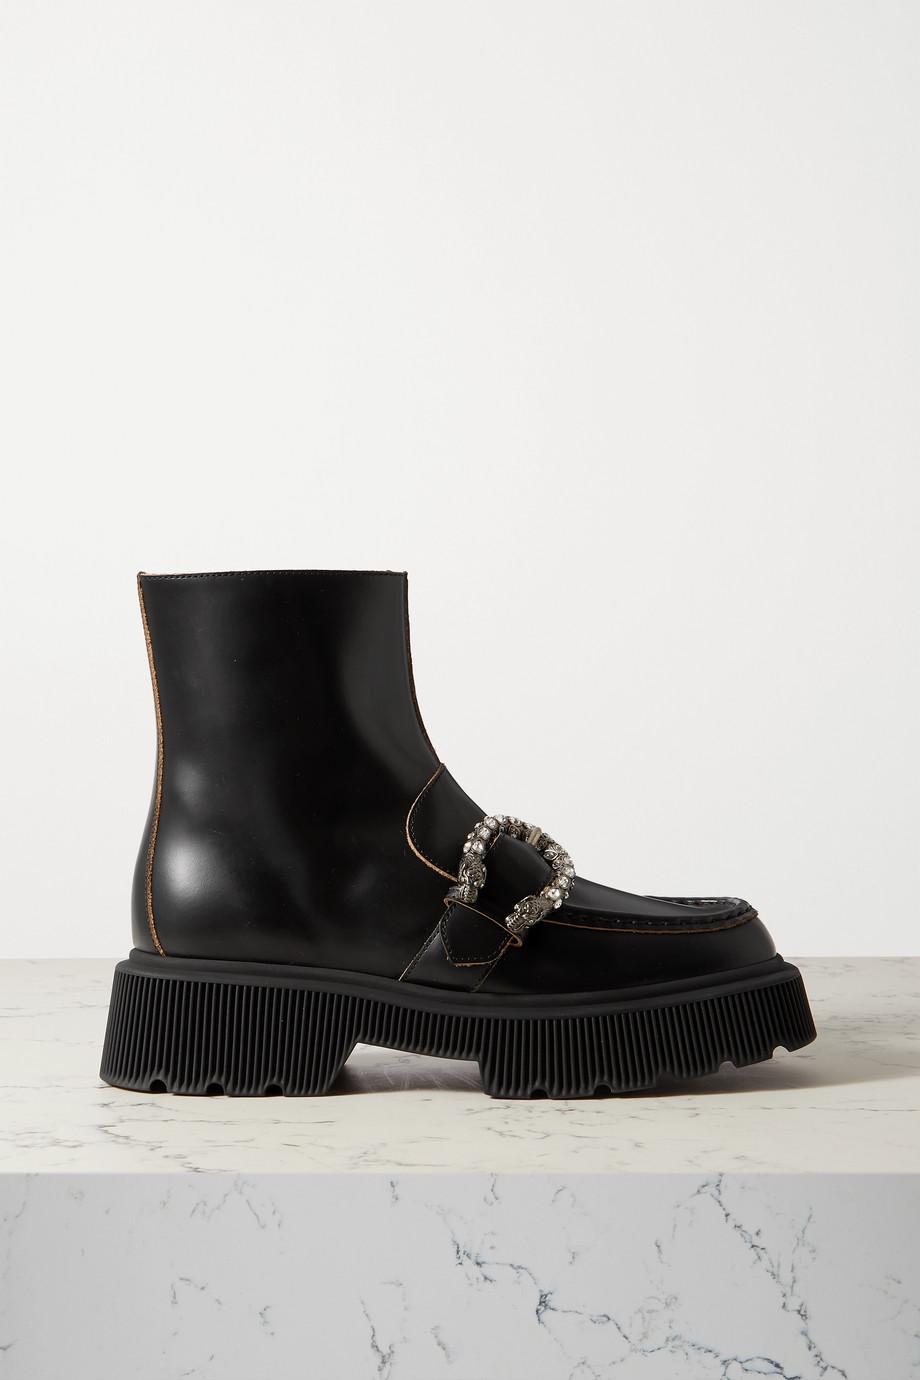 Gucci Hunder buckled leather platform ankle boots